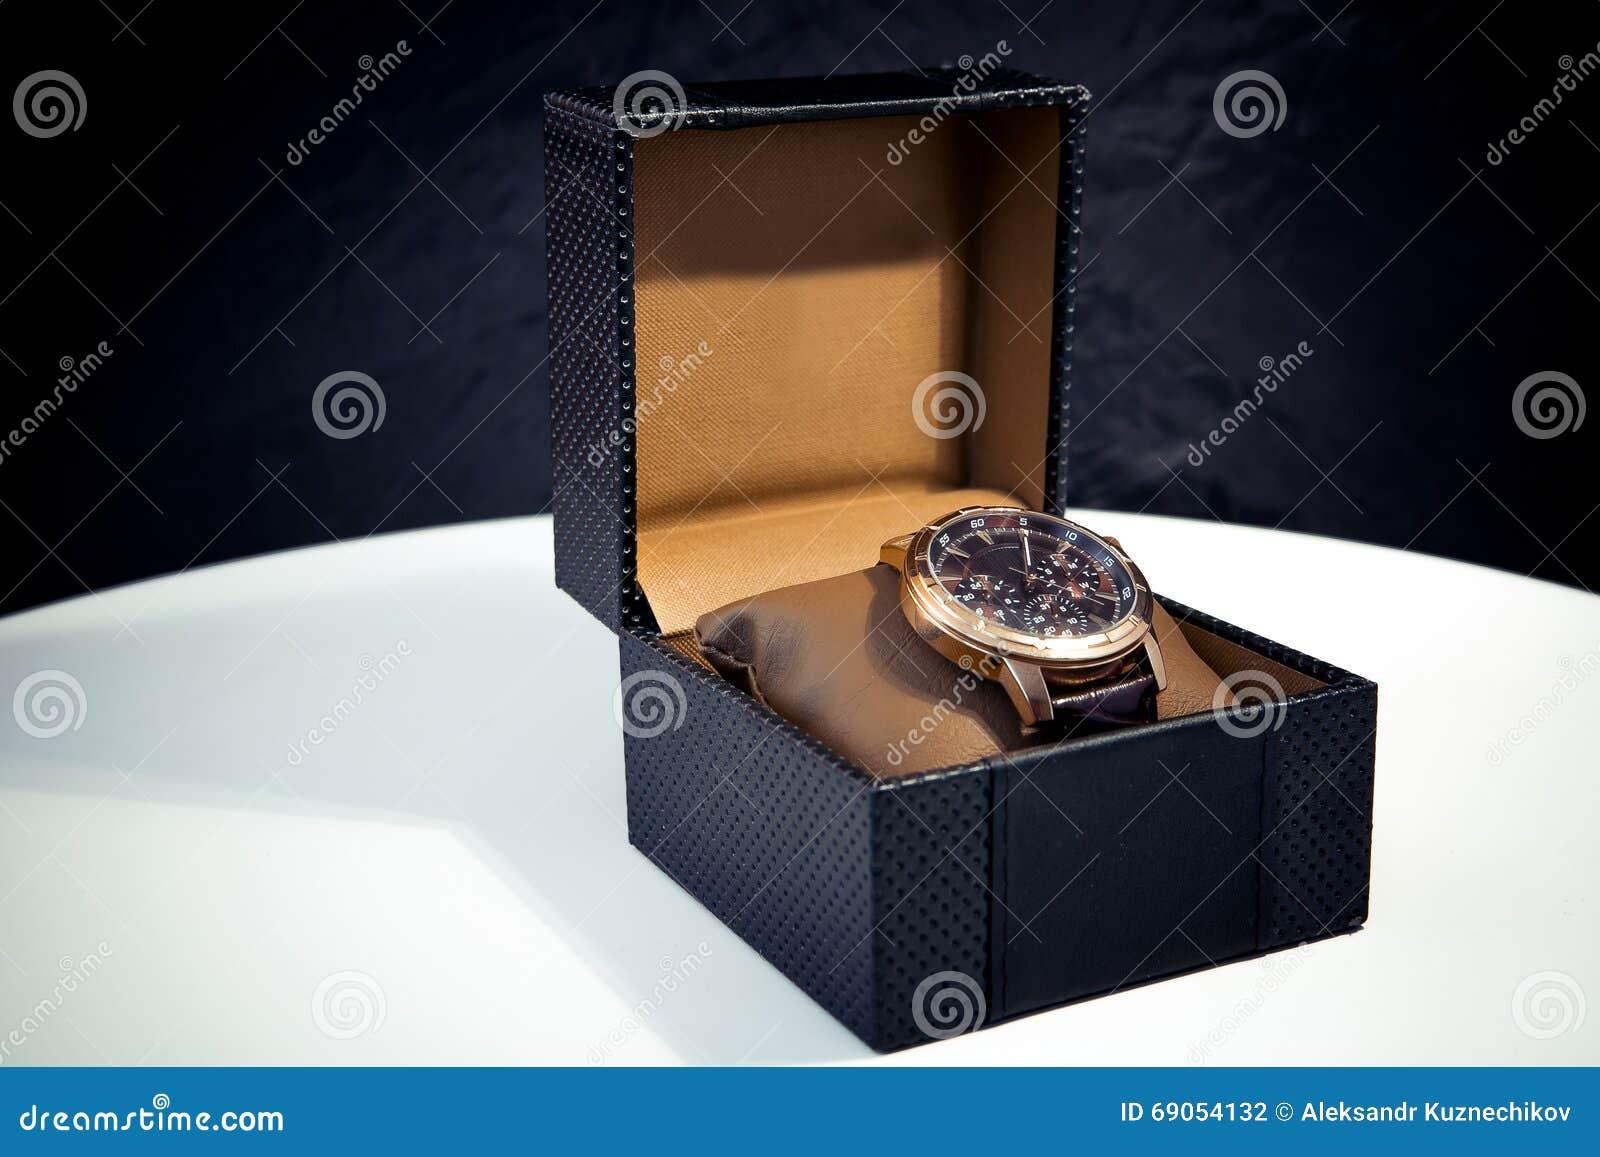 eb2ad1fc1f3 Relógio de pulso dourado mecânico suíço dos homens com tachymeter